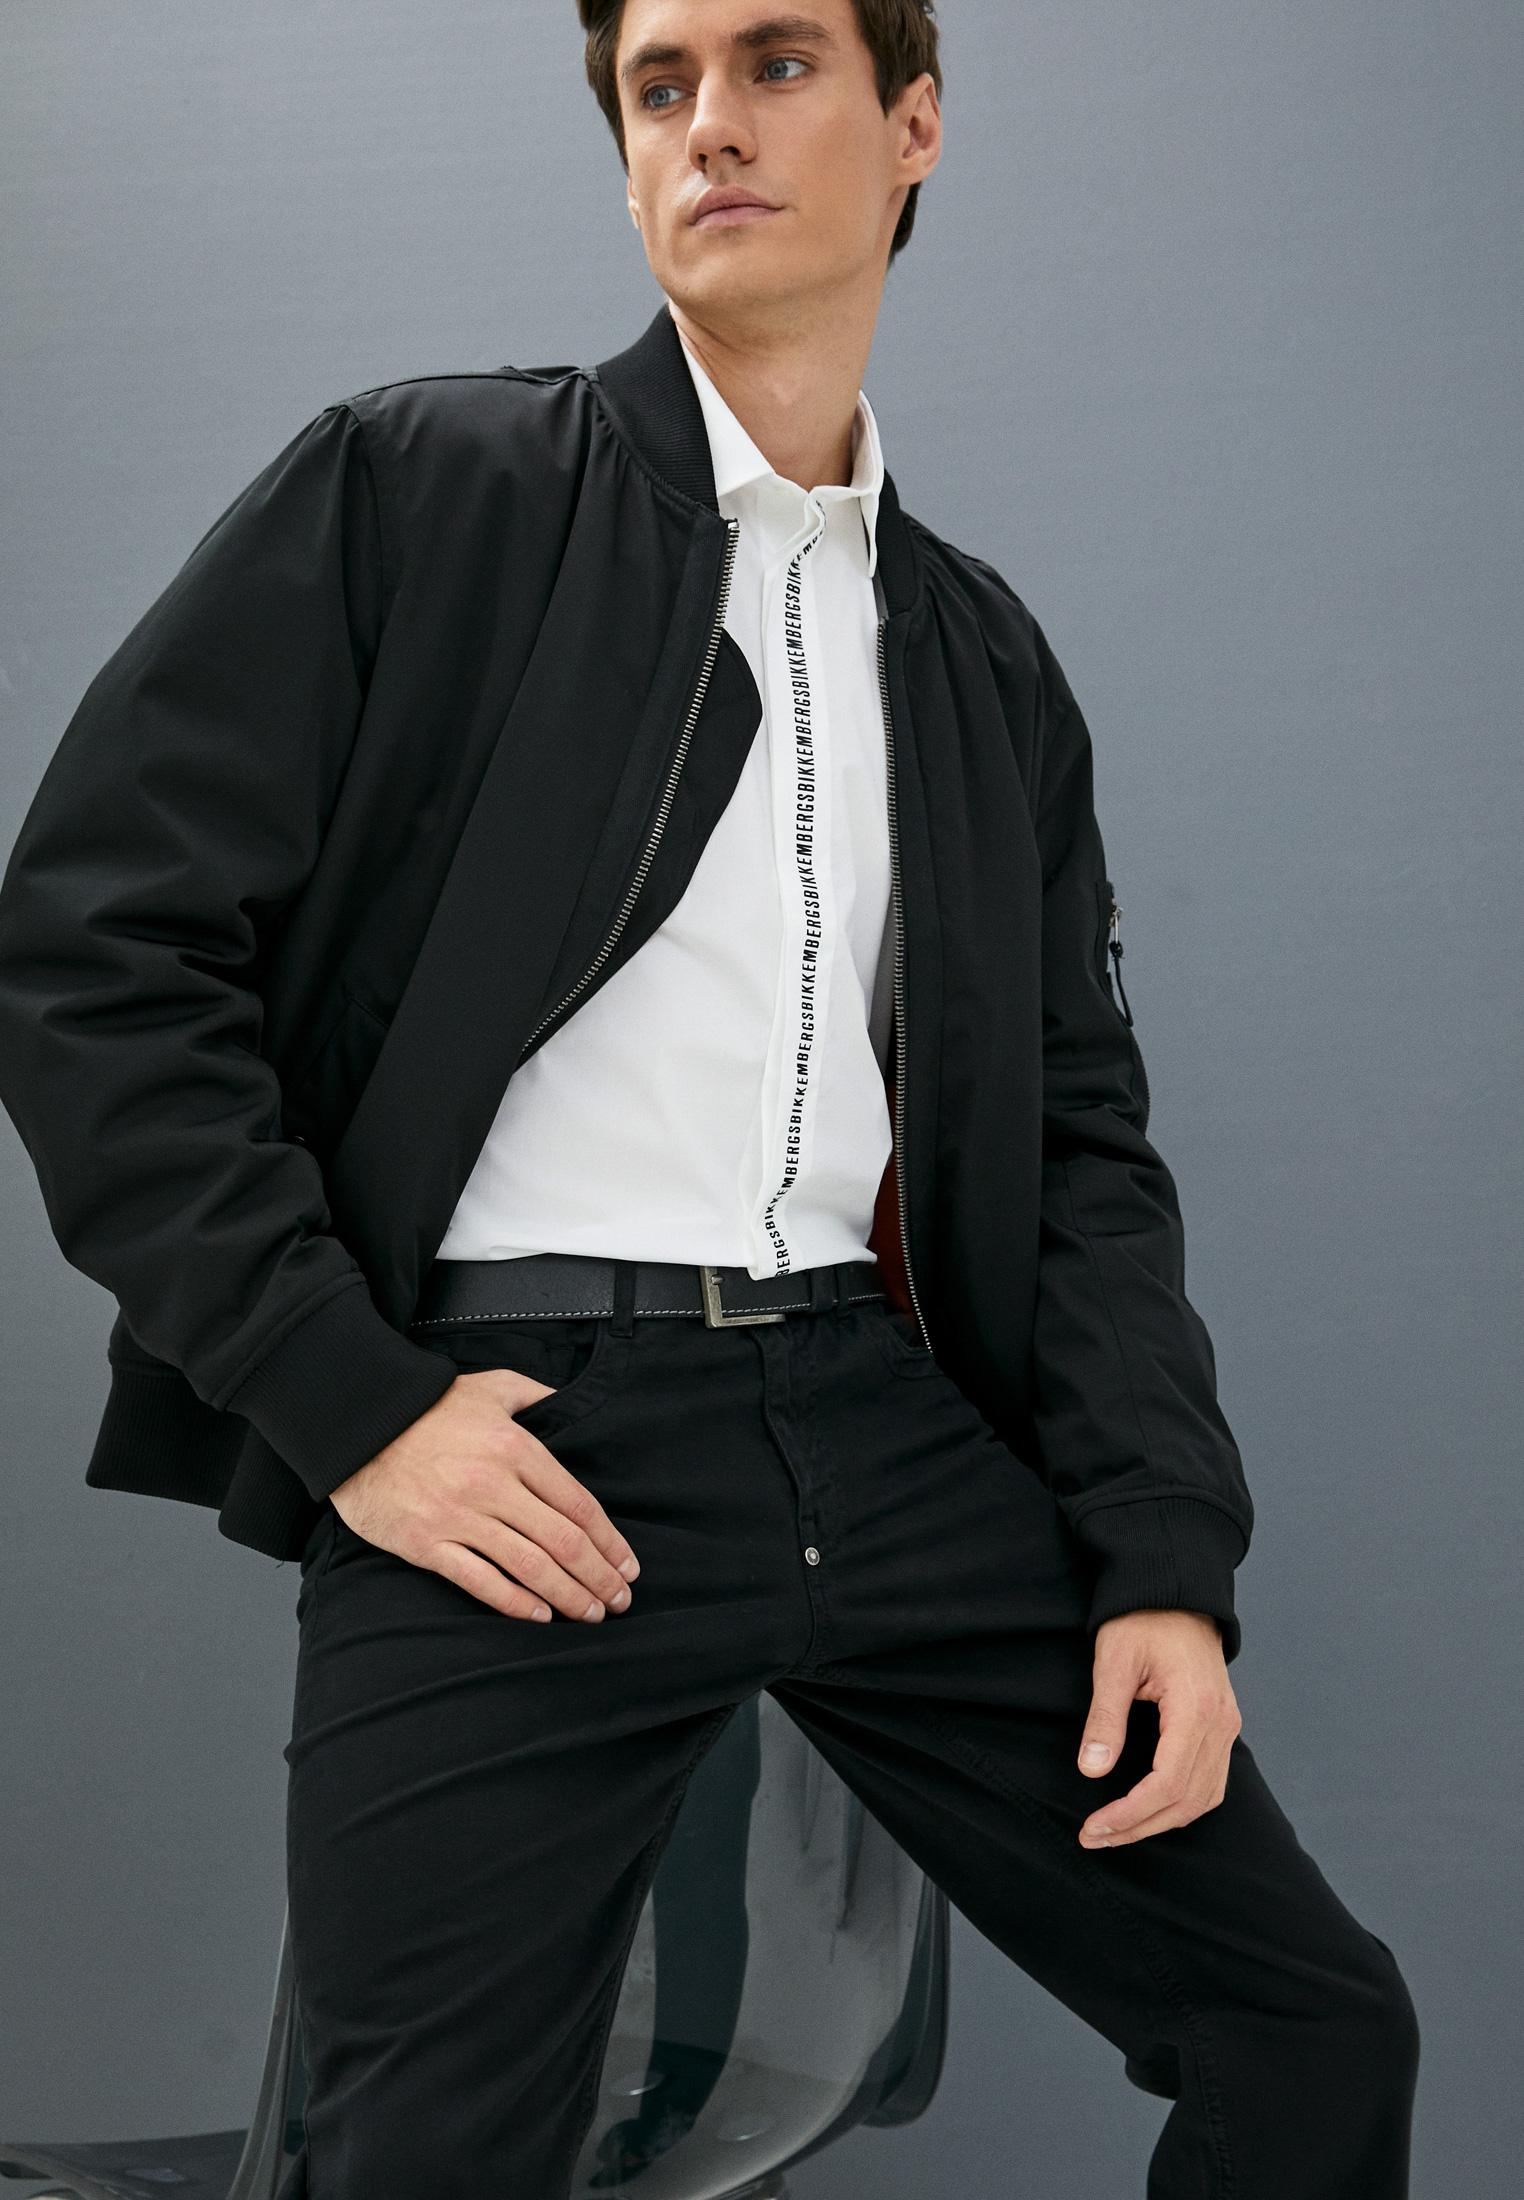 Мужские брюки Bikkembergs (Биккембергс) C Q 101 02 S 3279: изображение 2